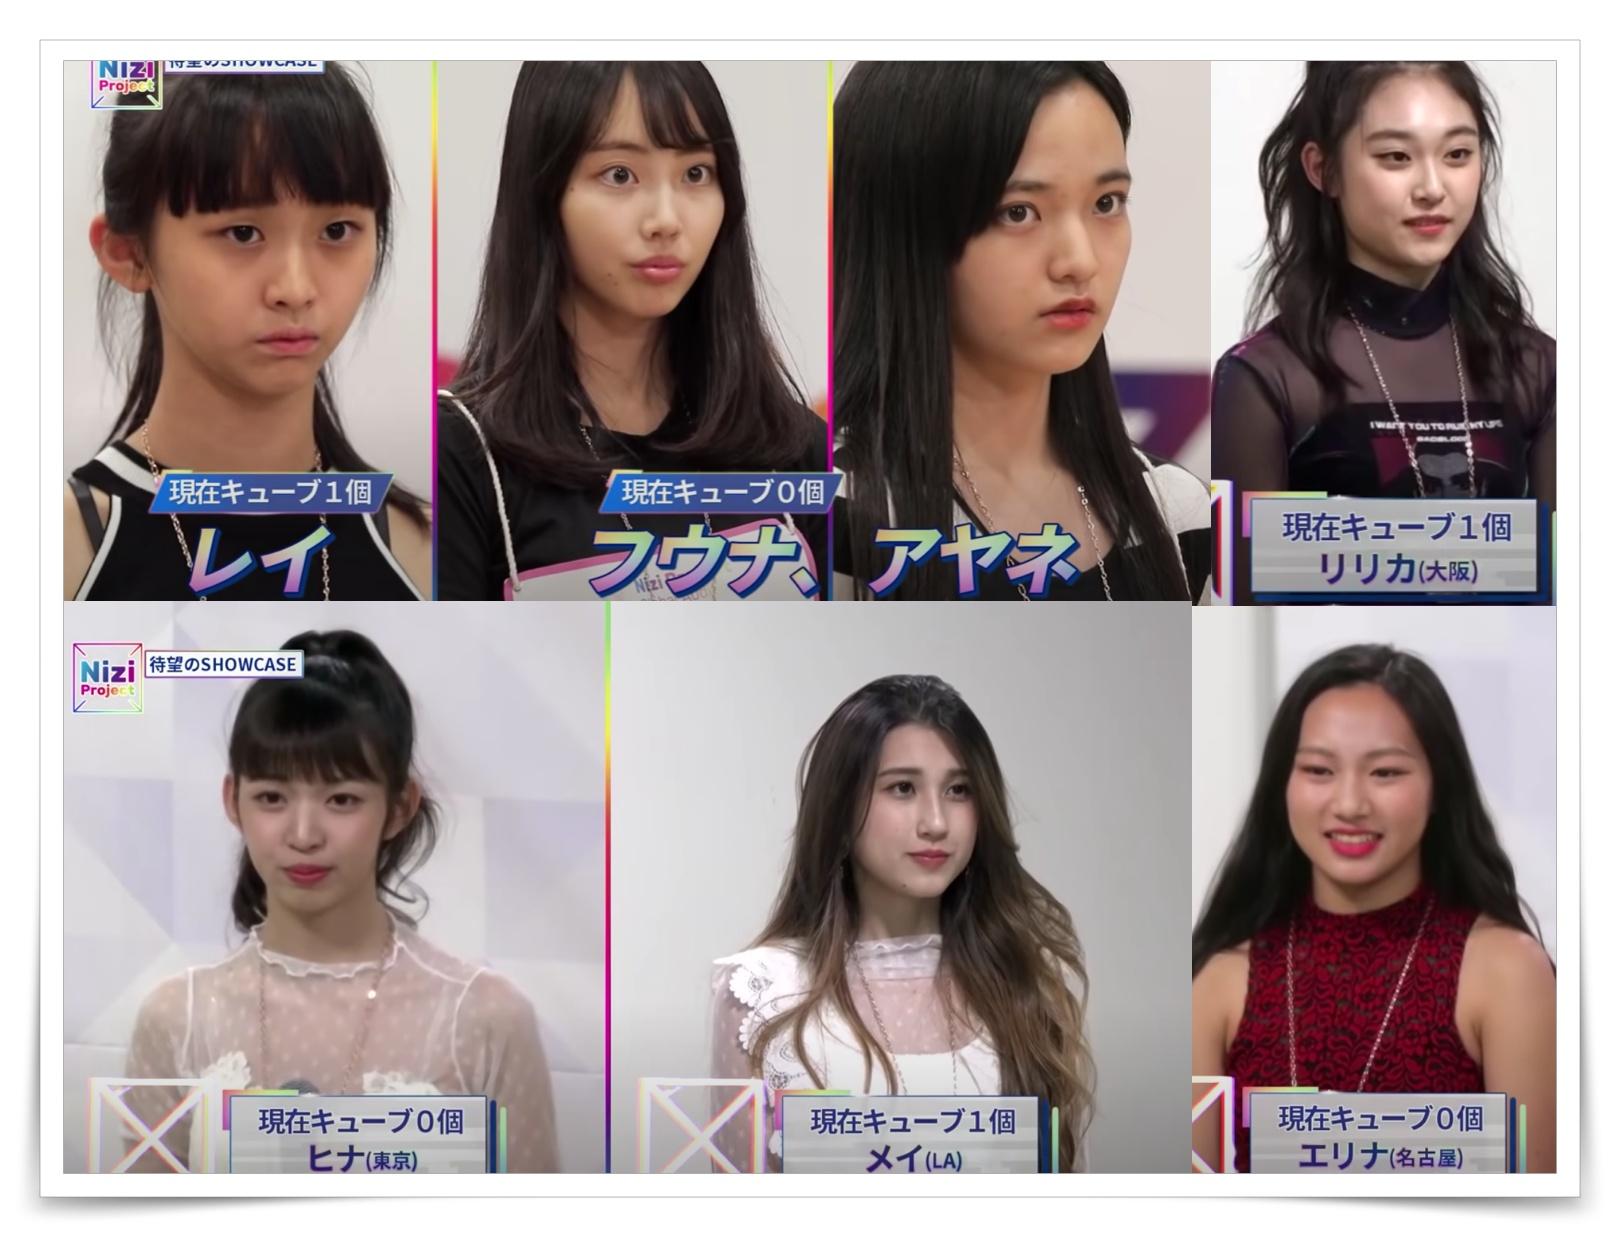 プロジェクト 韓国 合宿 メンバー 虹